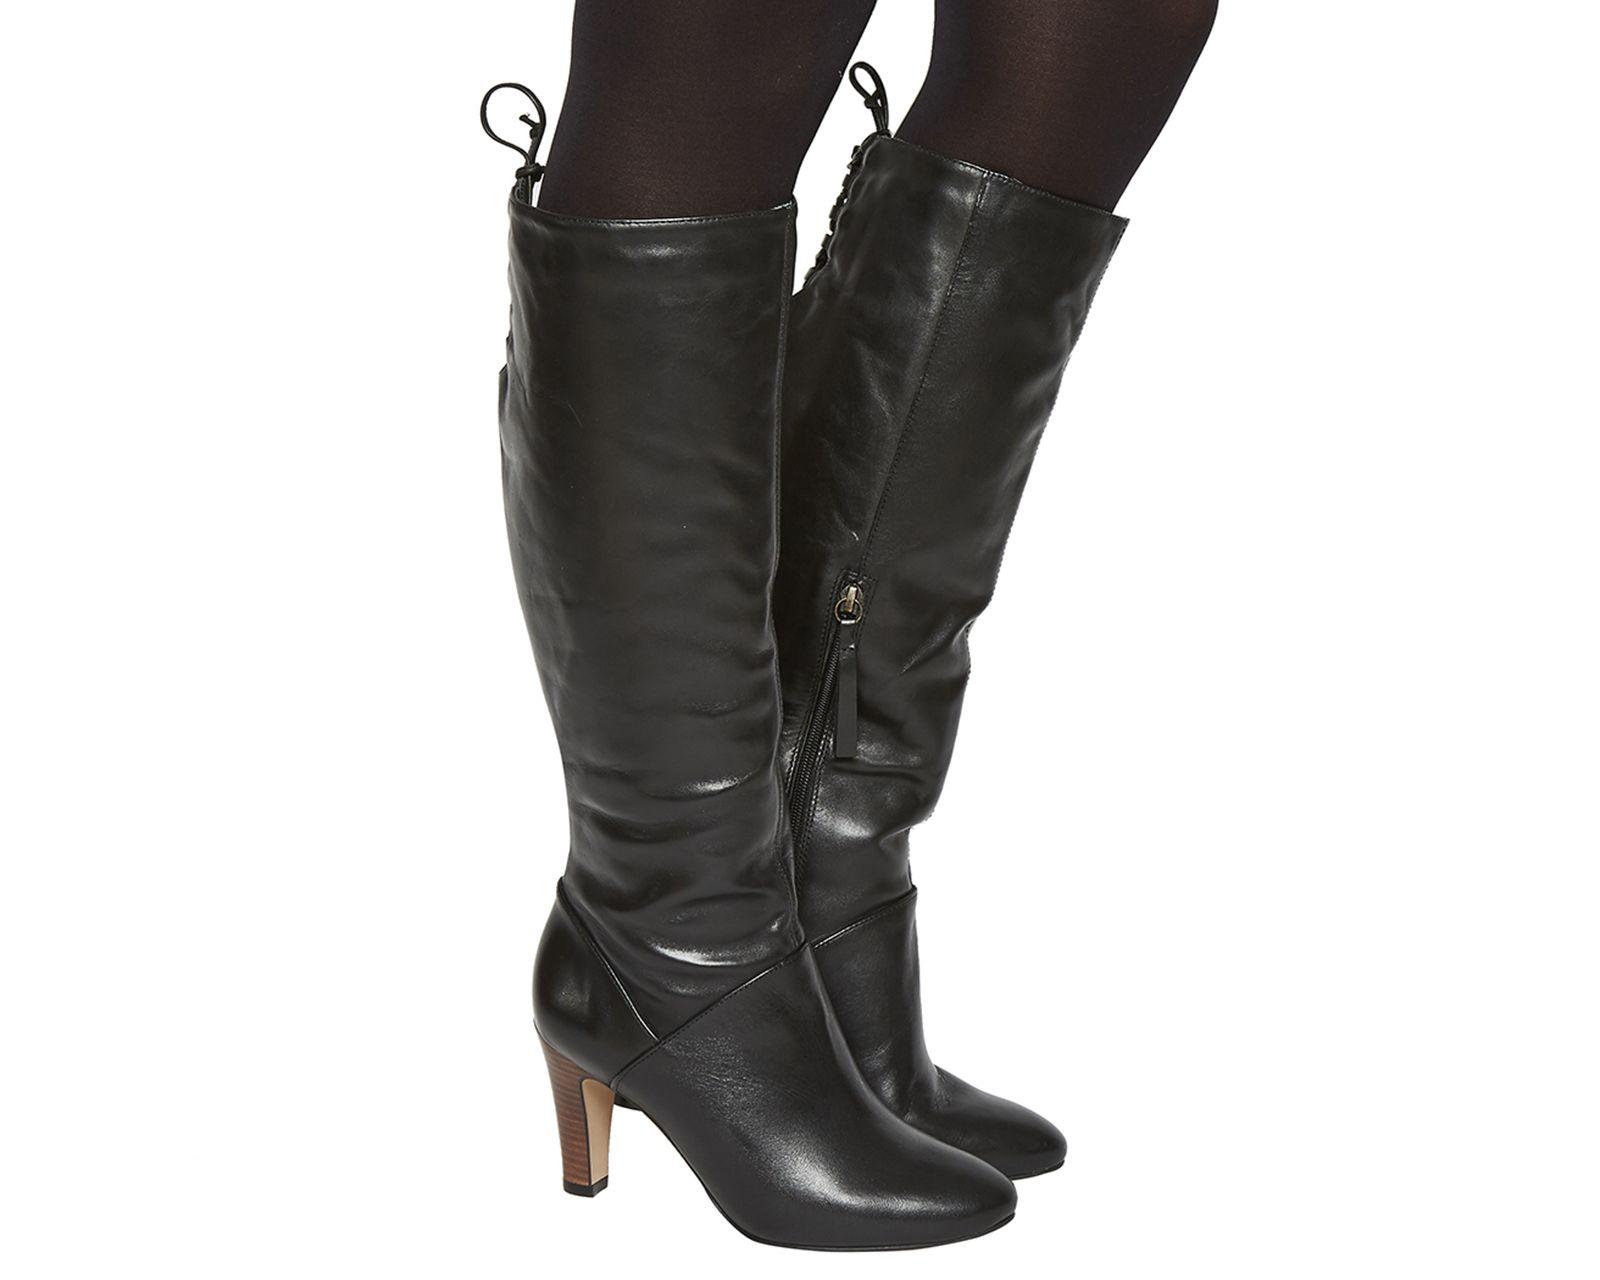 cb656add322 Knicks Block Heel Knee Boots   Fashion Wish List   Boots, Black ...